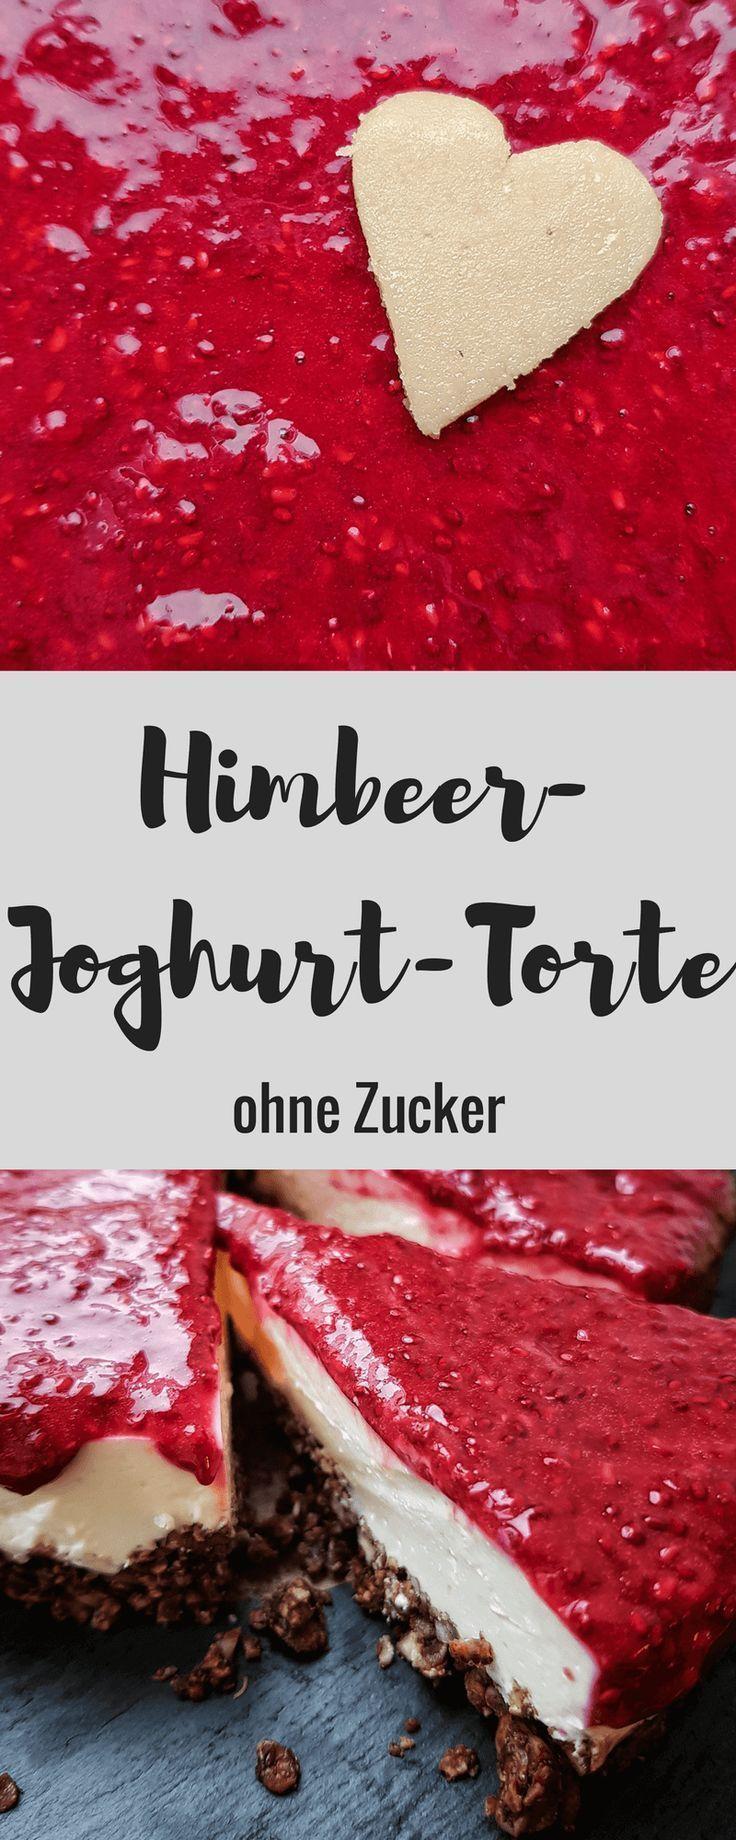 Himbeer-Joghurt-Torte ohne Zucker - nur mit Himbeer und Vanille gesüßt #tortegeburtstag